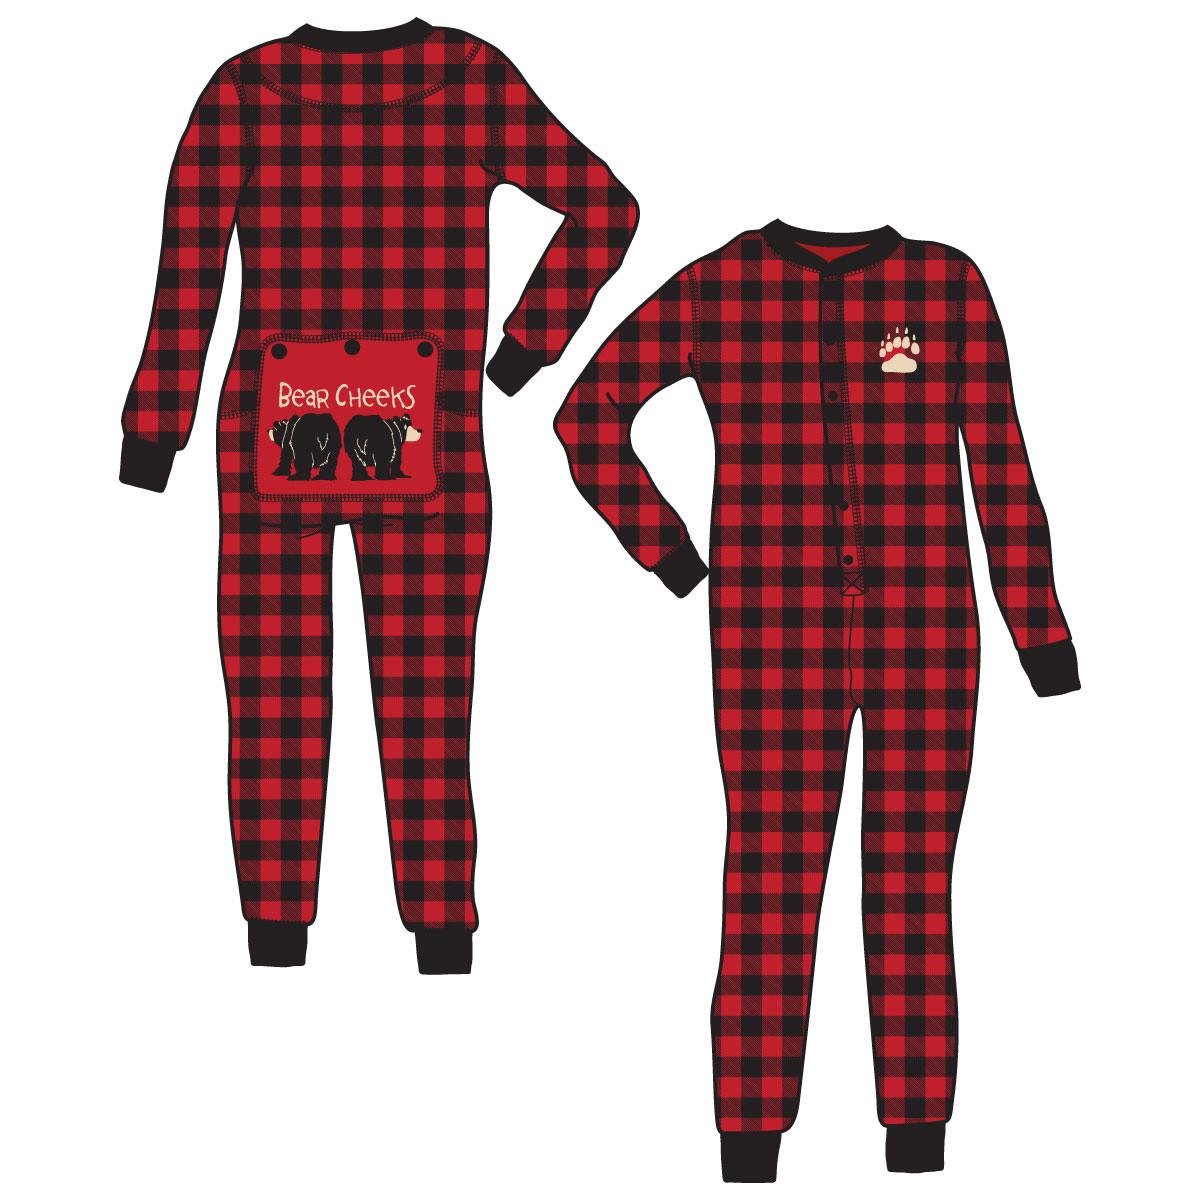 fae6c957b1c9 Bear Cheeks Flapjacks Onesie Union Suit Plaid Adult Unisex ...